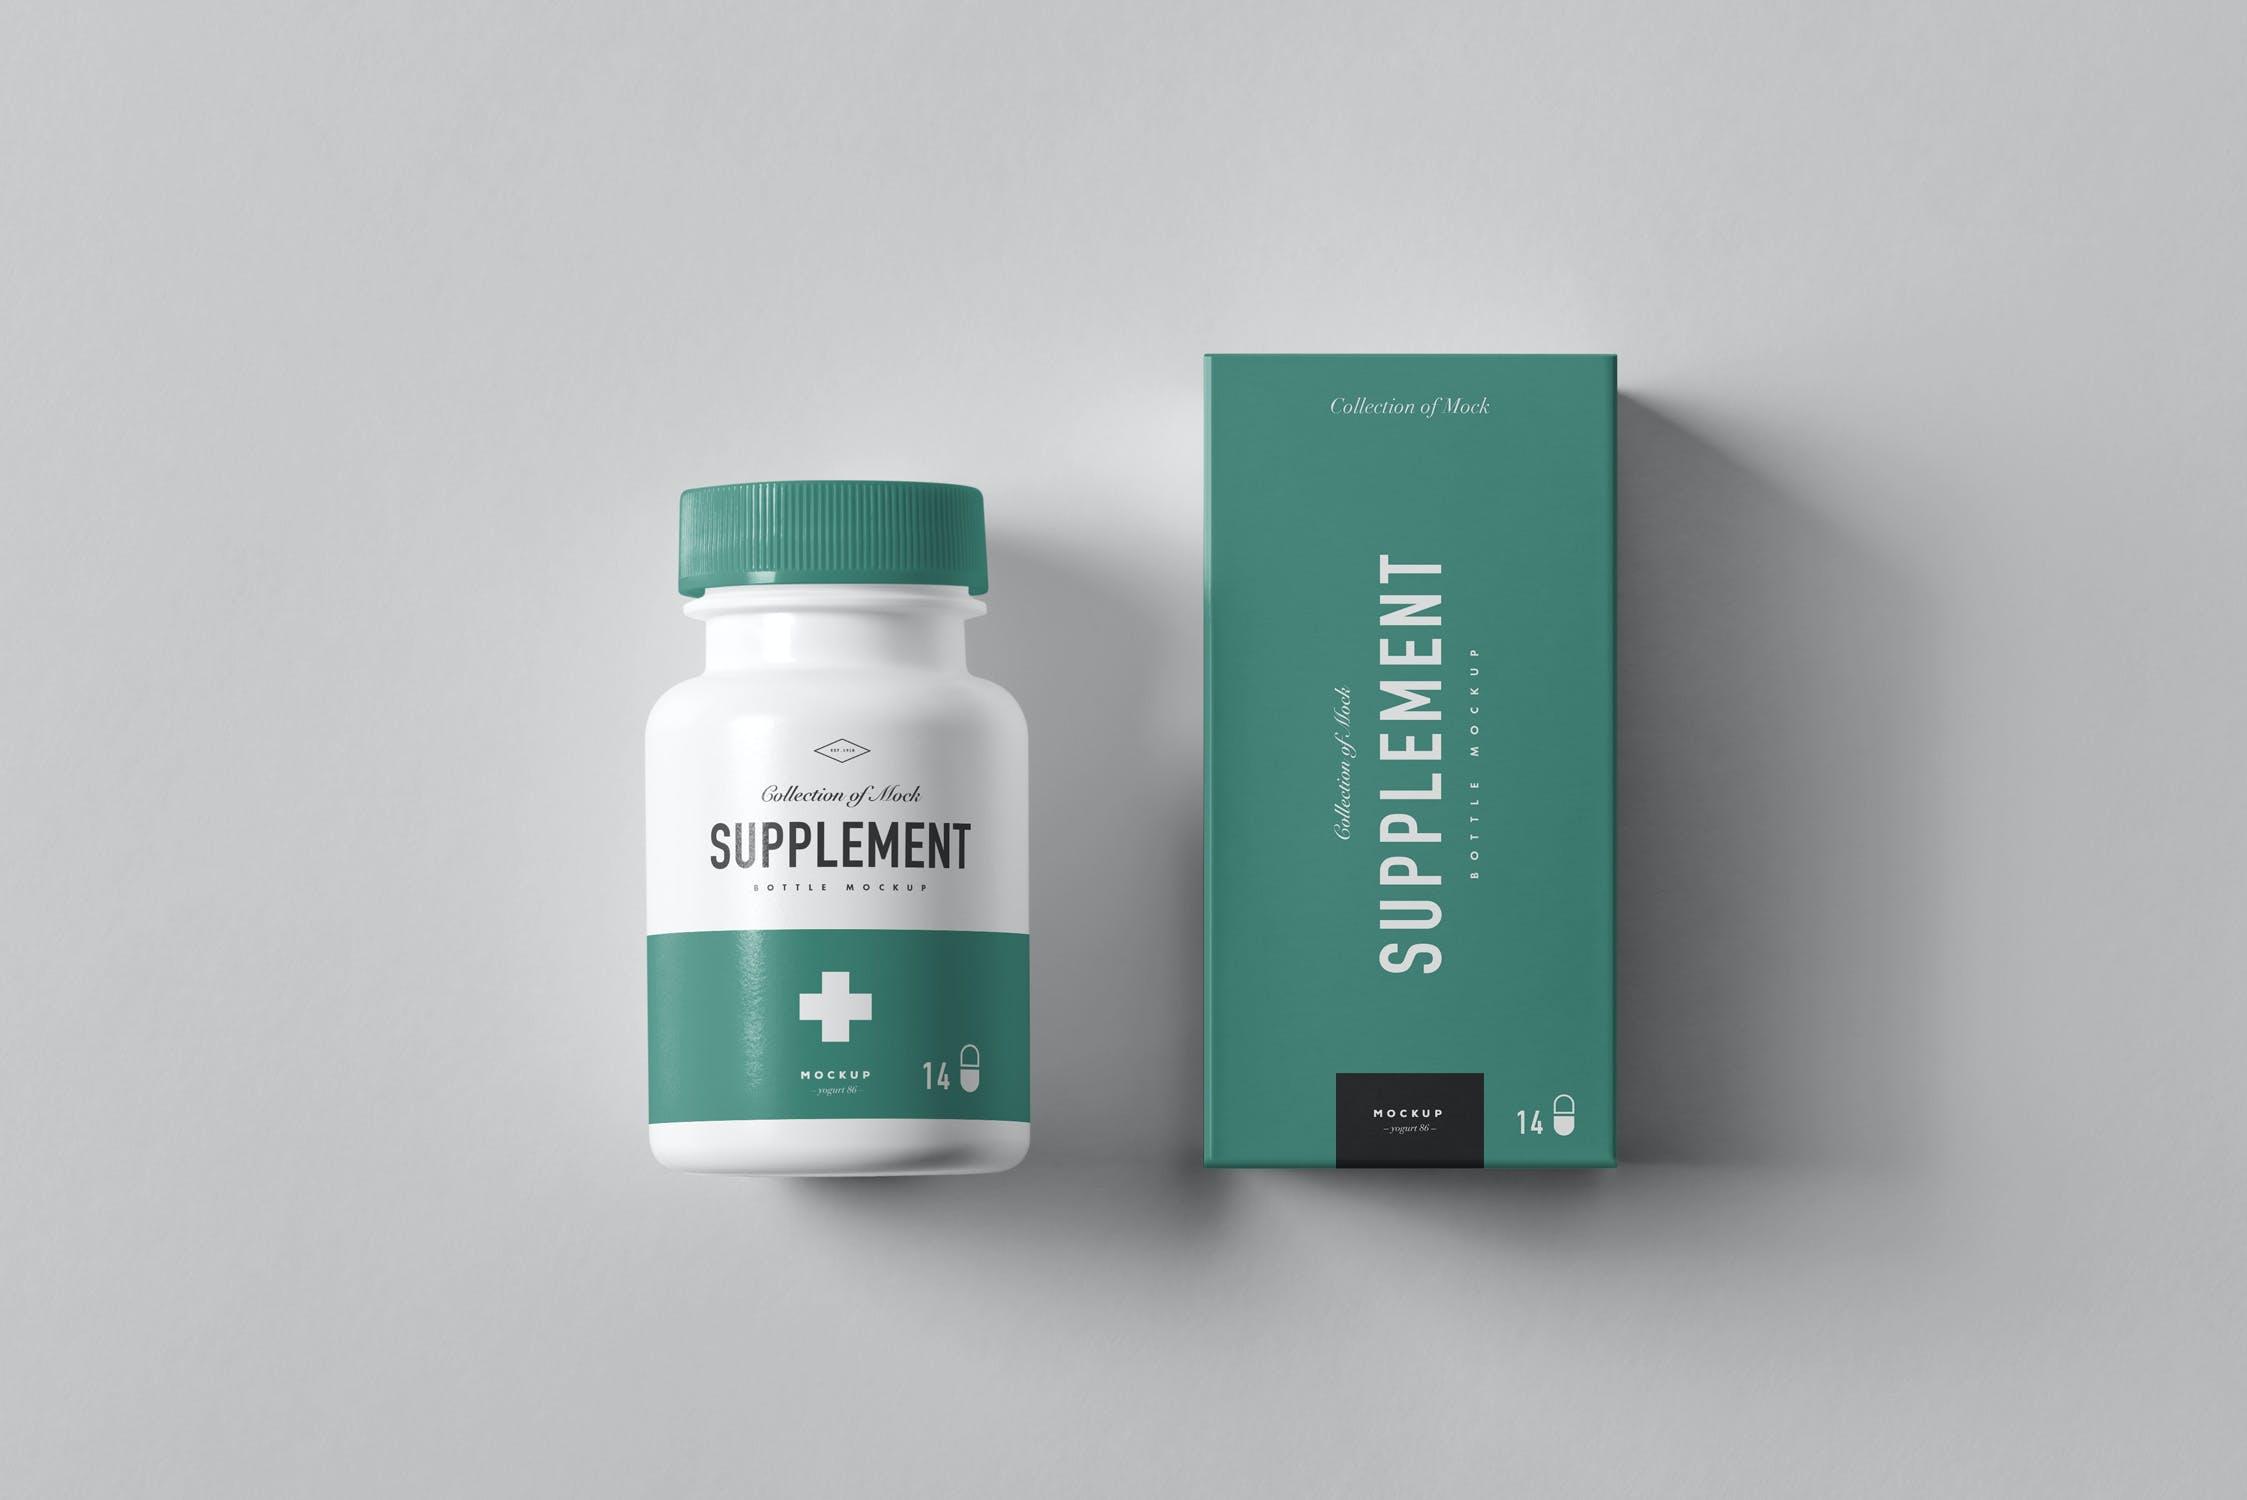 8款药物补充瓶塑料瓶包装盒设计展示样机模板 Supplement Bottle Mockup插图(5)